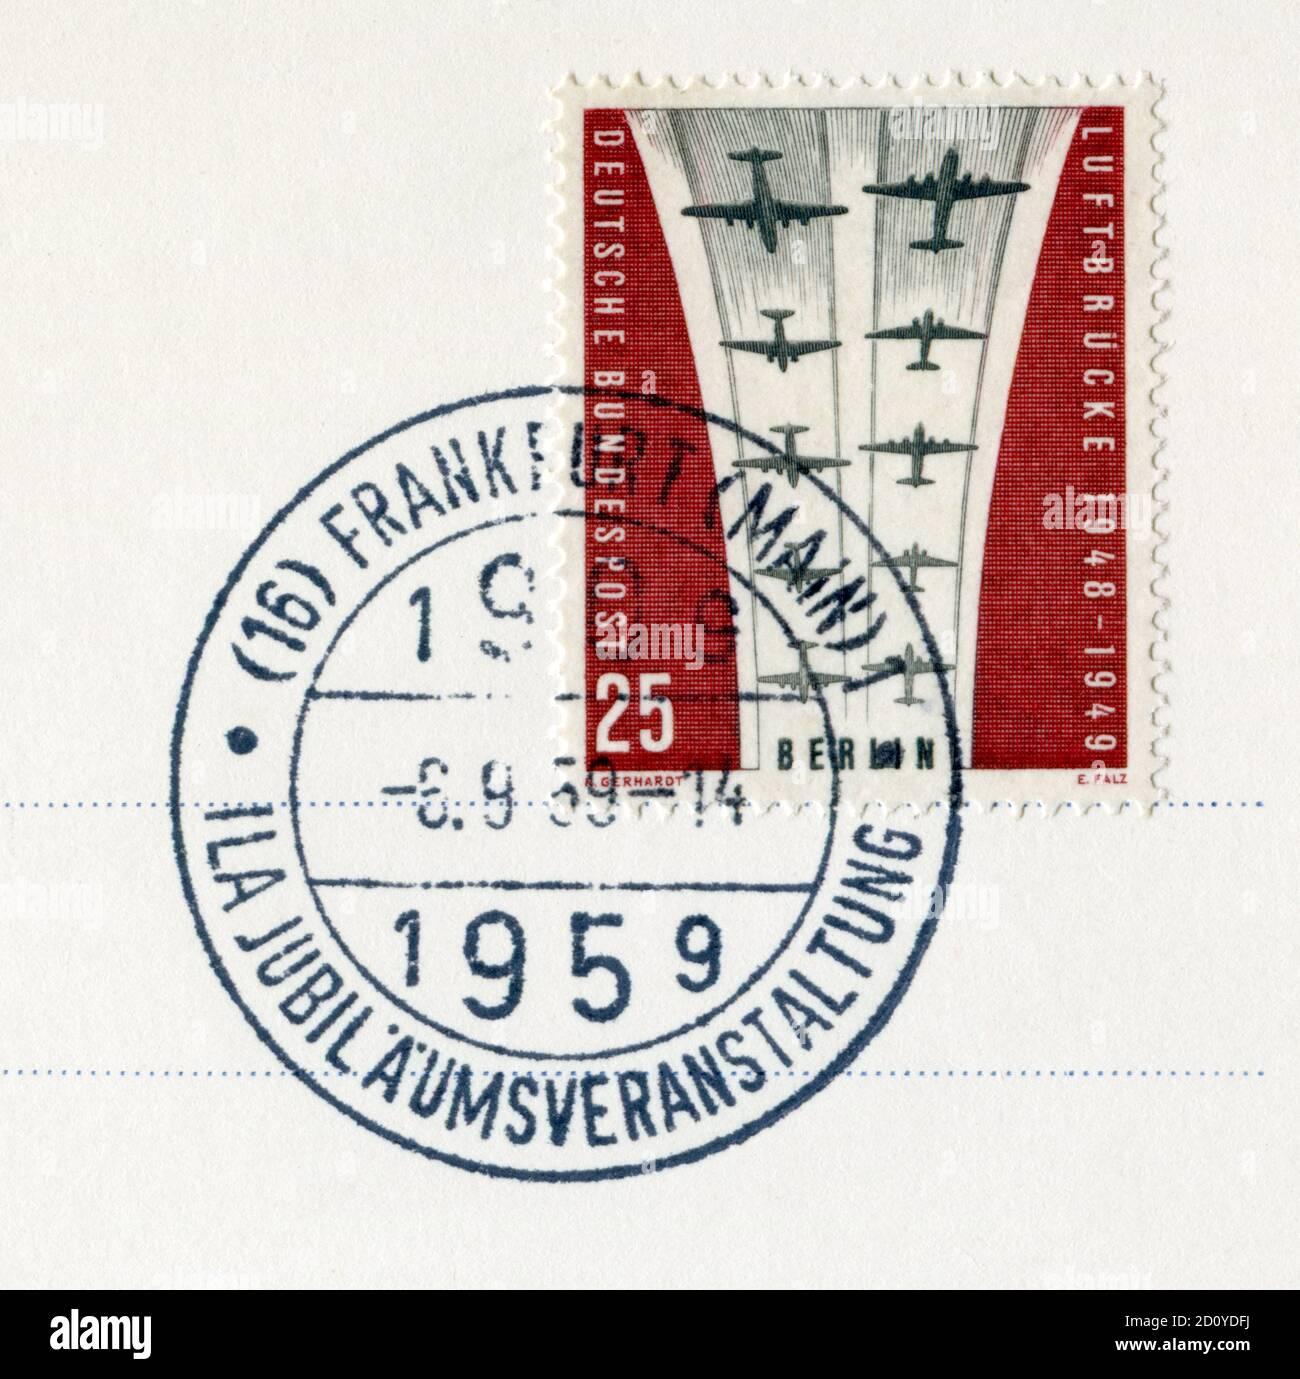 Timbre historique: 10 ans de Berlin Airlift pour débloquer le blocus de la ville par l'Union soviétique et les pays du Pacte de Varsovie, 1959 Banque D'Images